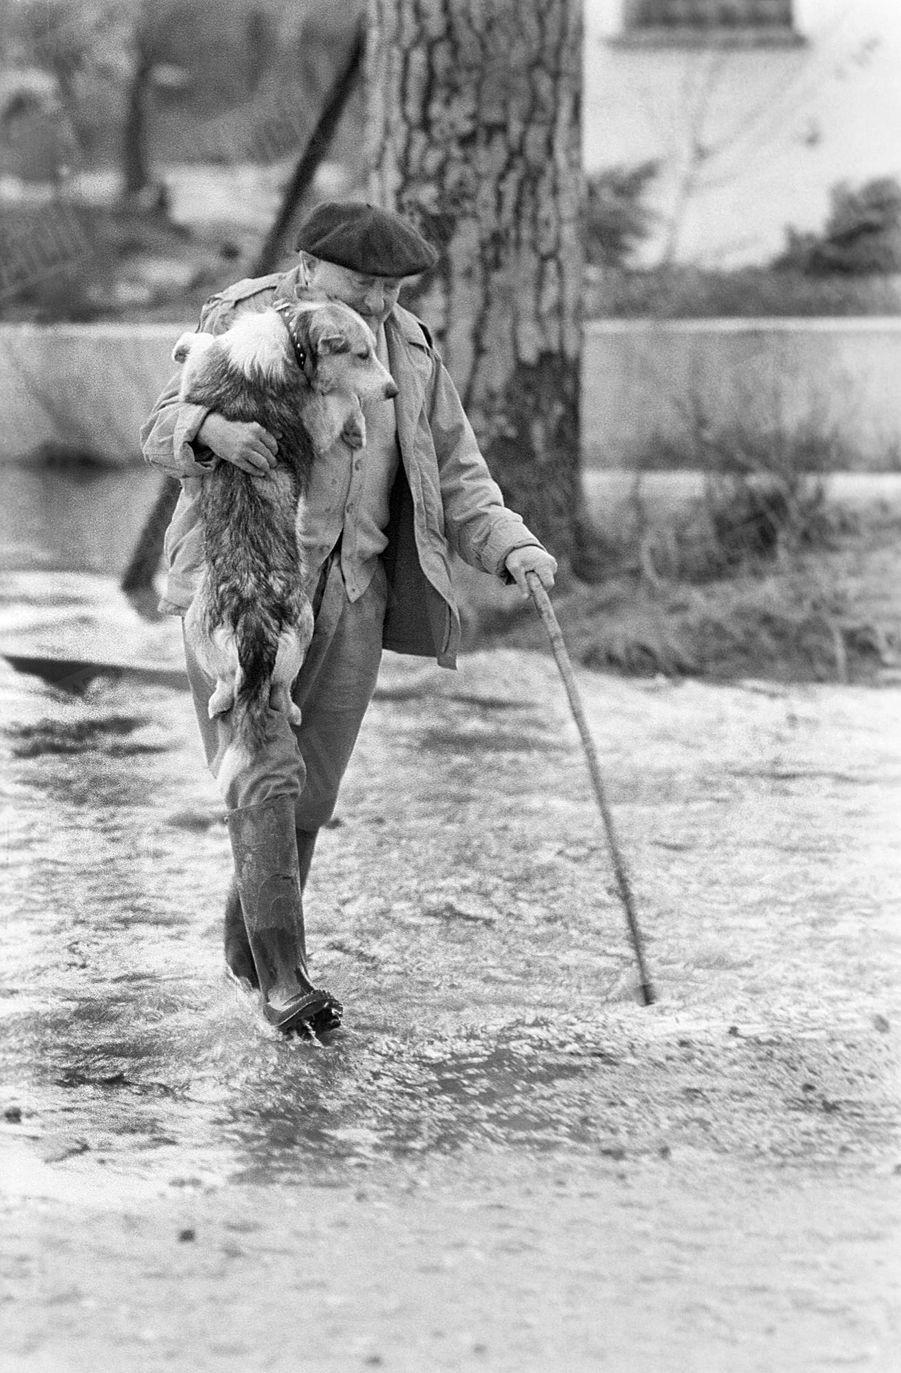 « Sur la route encore inondée, il i porte son sauveur qui maintenant a peur de l'eau. Bobby était un chien errant. Cest la GrOupUle qui lui donna son premier collier, le collier du sauvetage.» - Paris Match n°558, 19 décembre 1959.